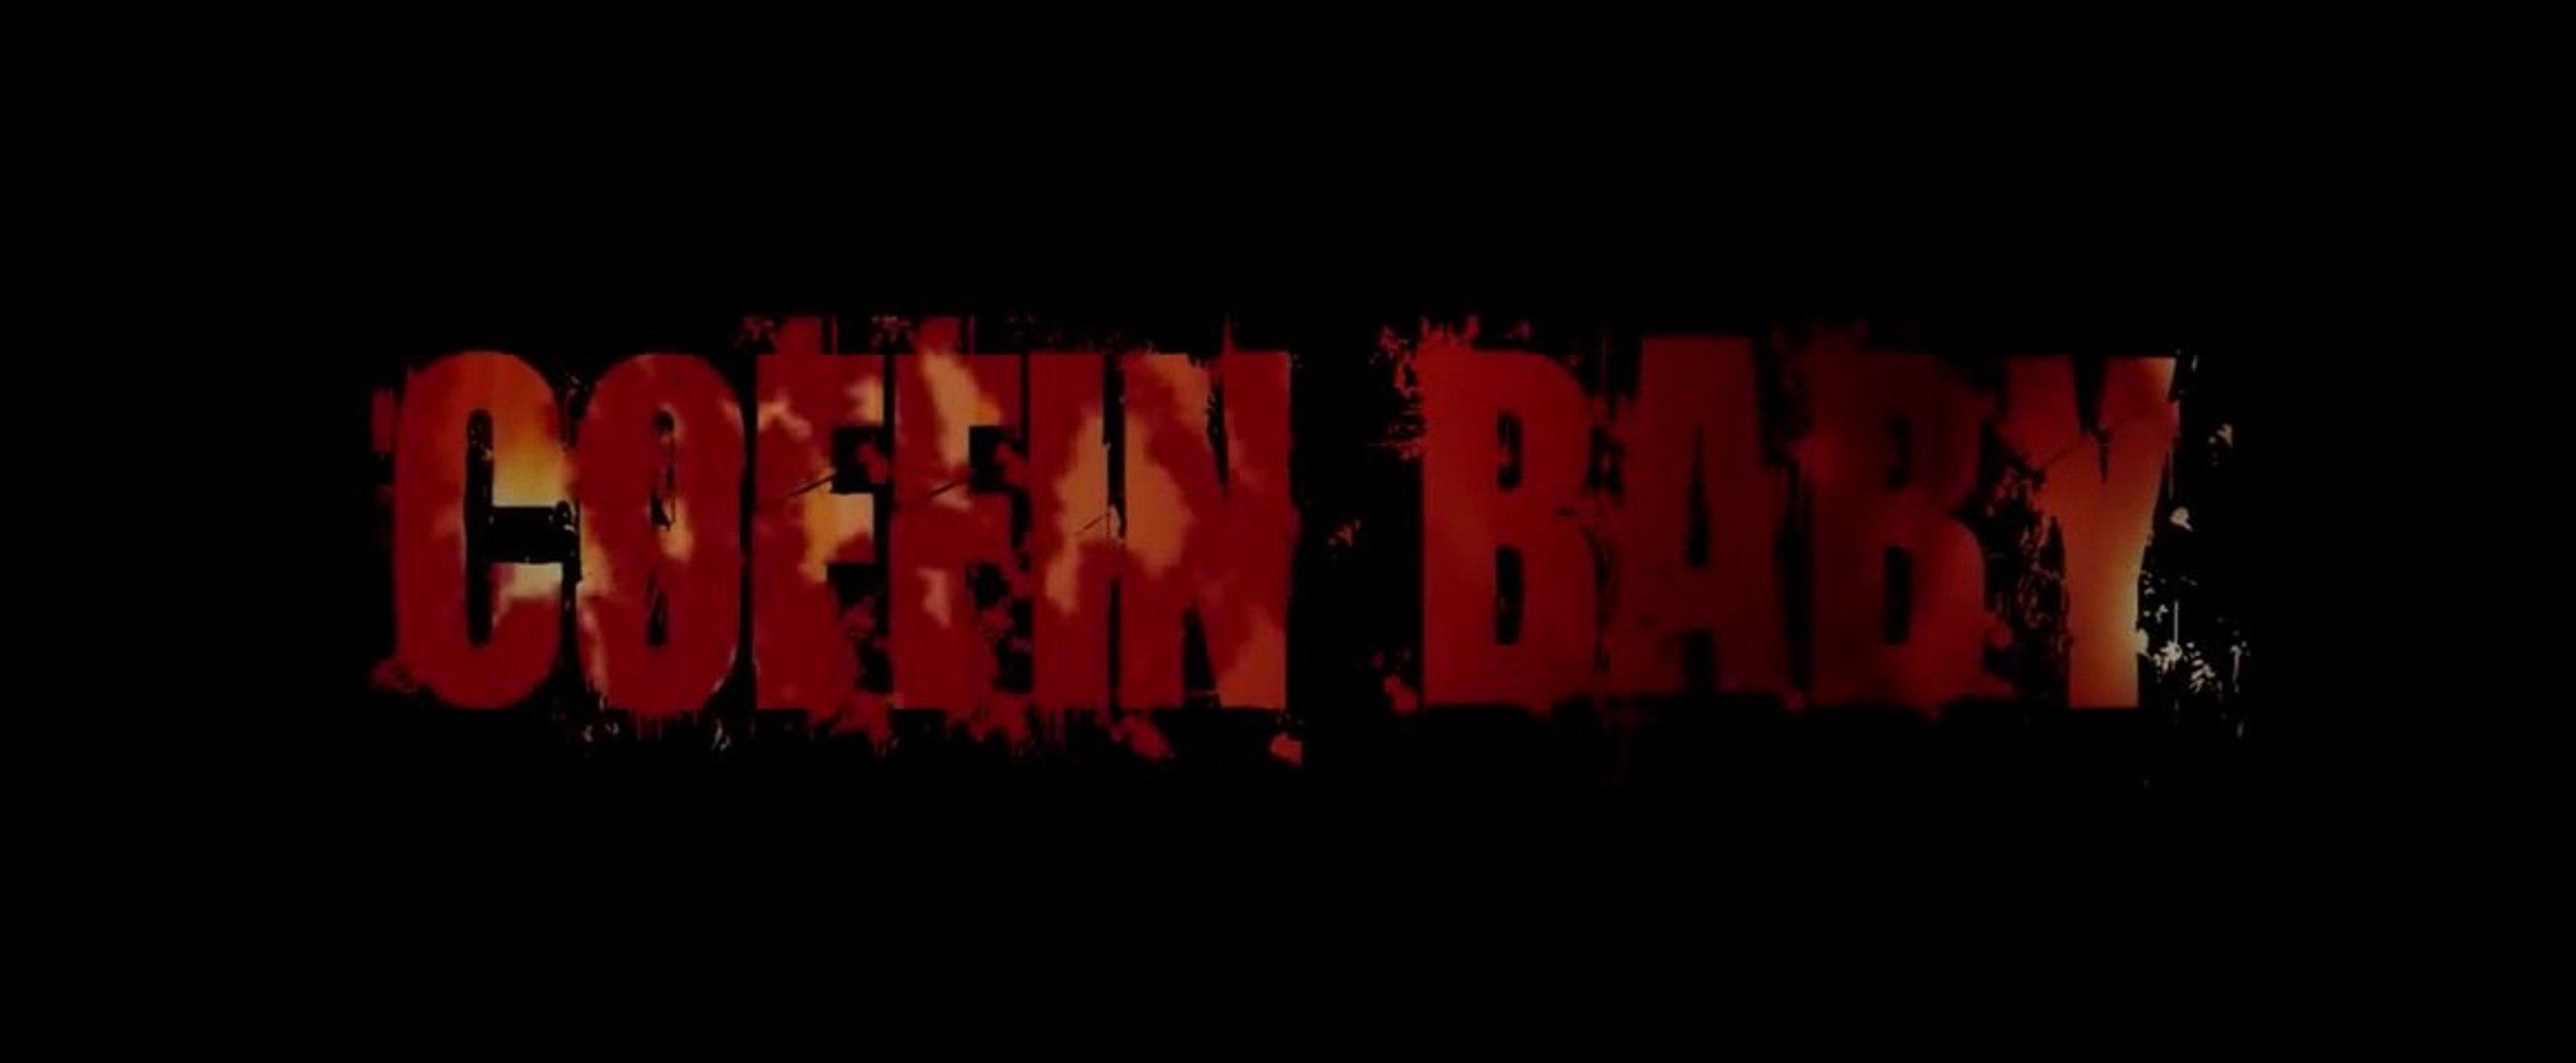 Coffin Baby trailer